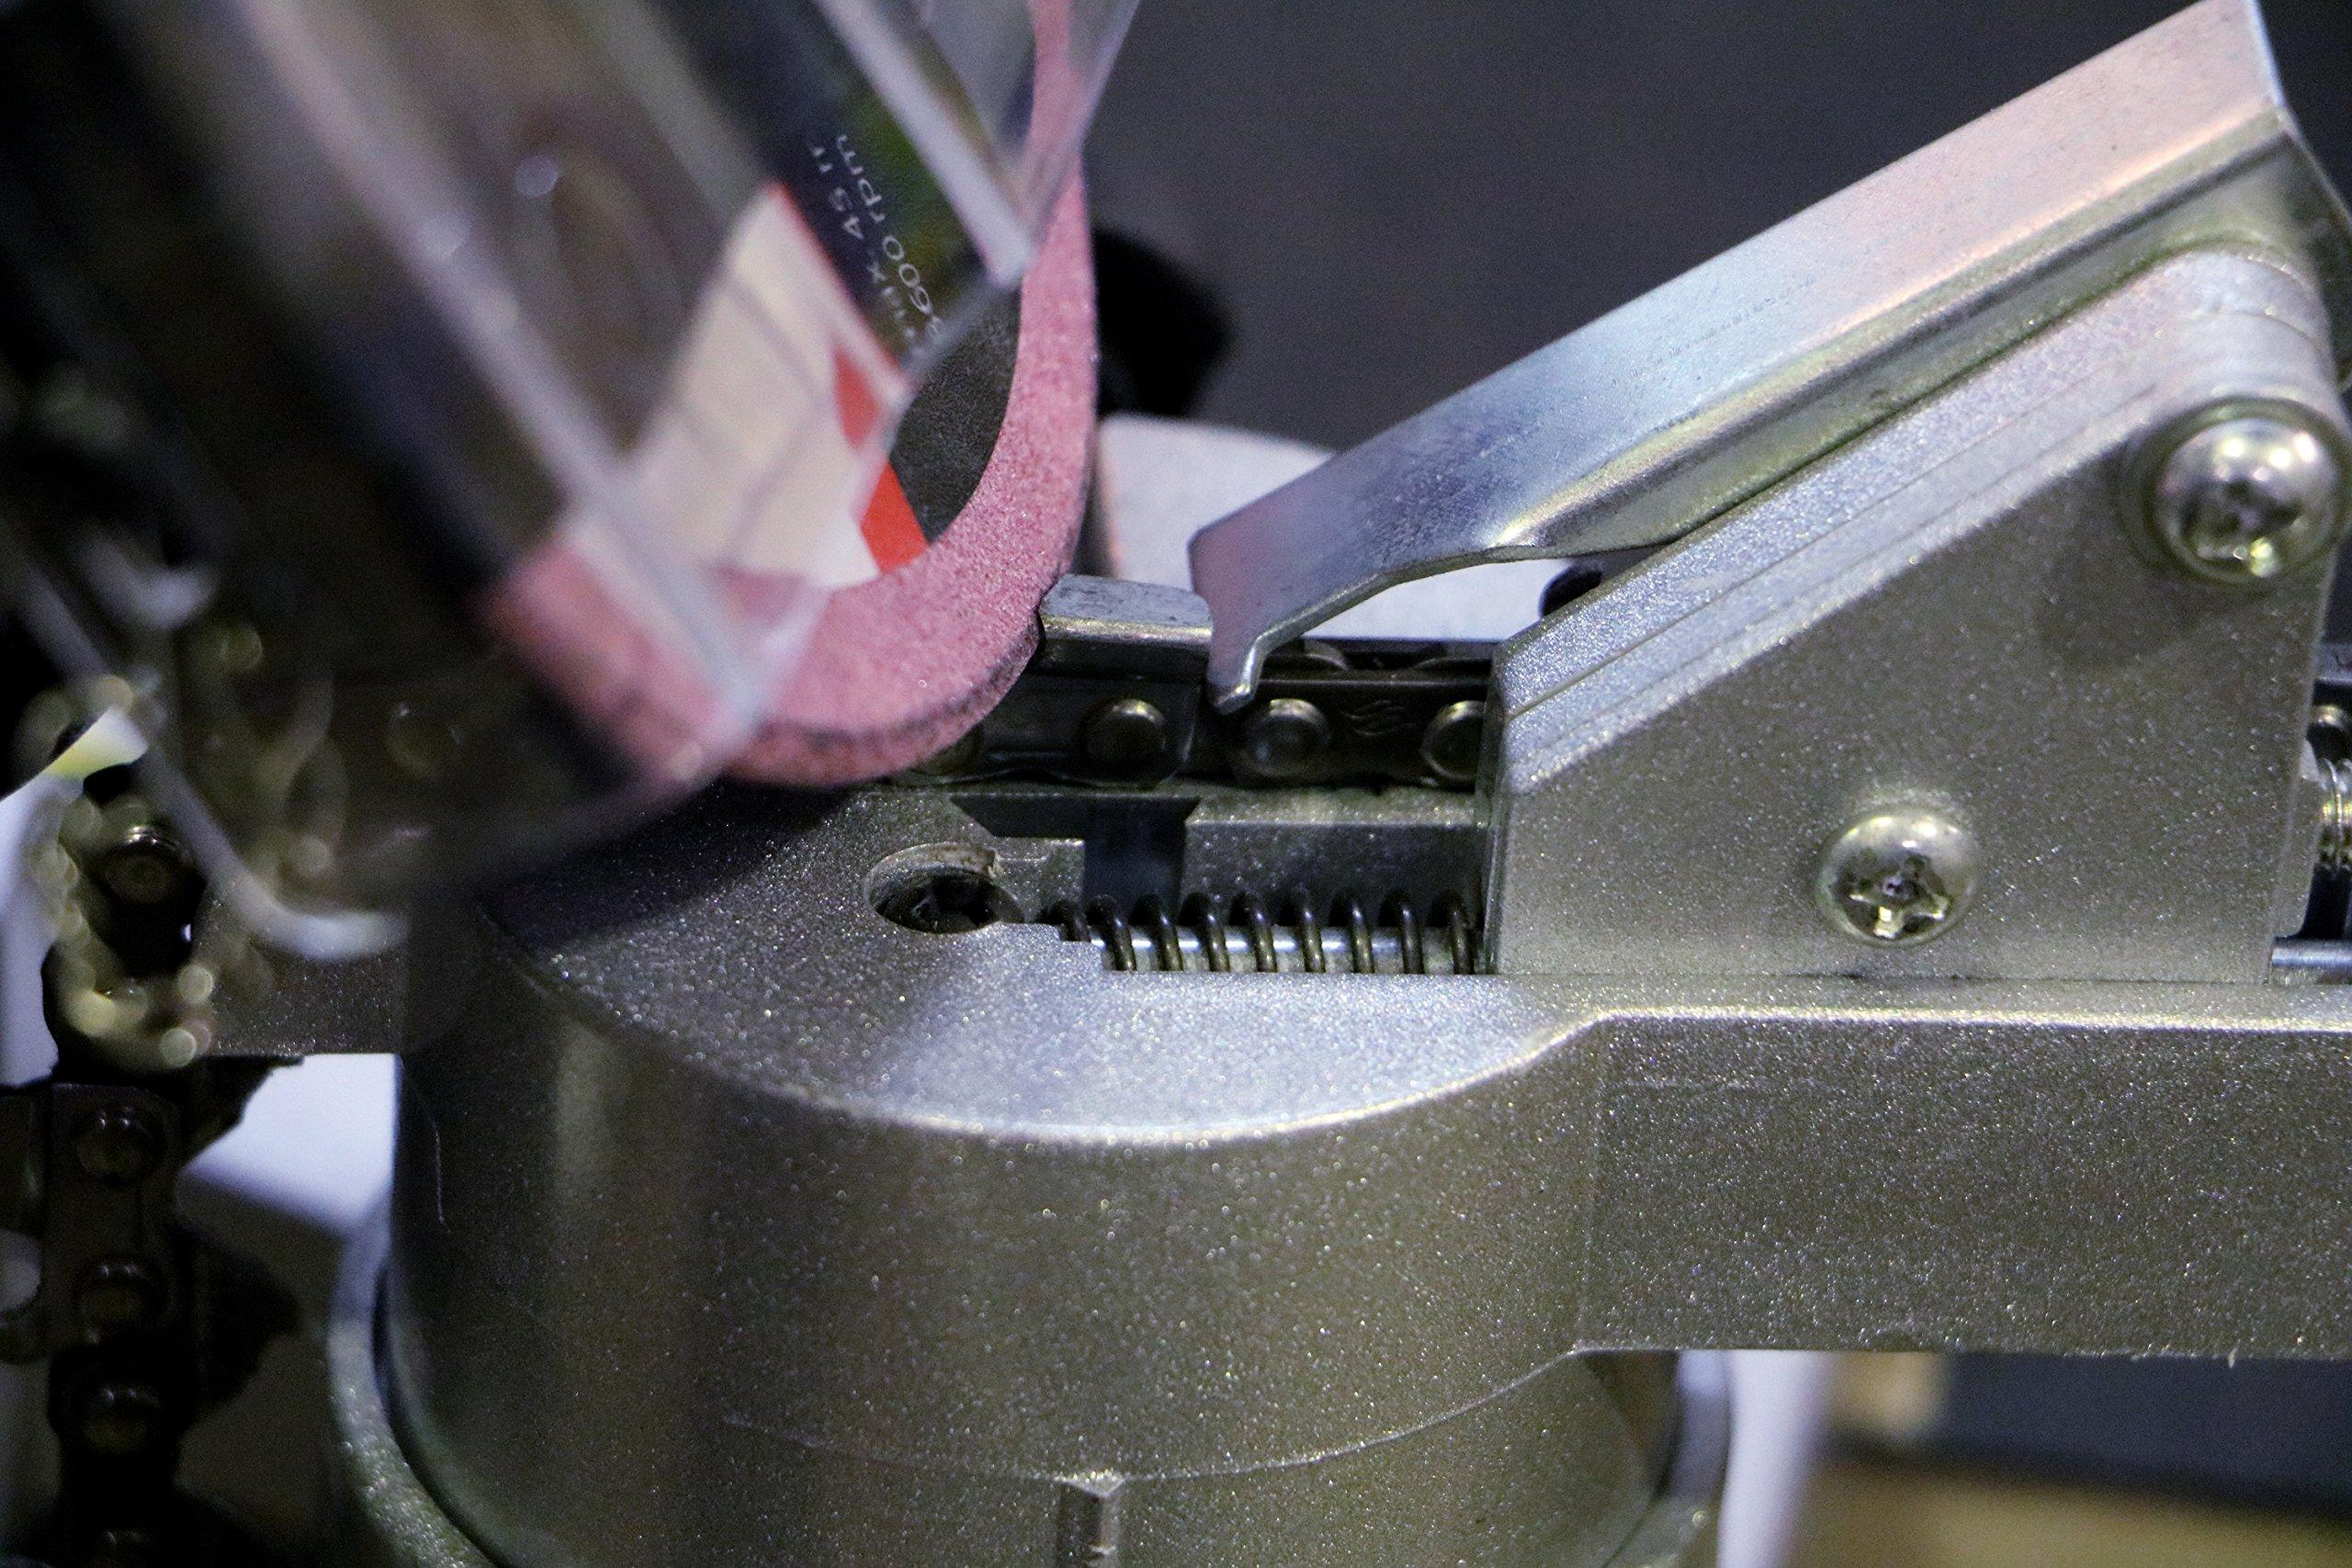 Matrix-320400230-Schleifgert-Sgeketten-Schrfgert-Kettenschleifgert-Motorsgen-220-Watt